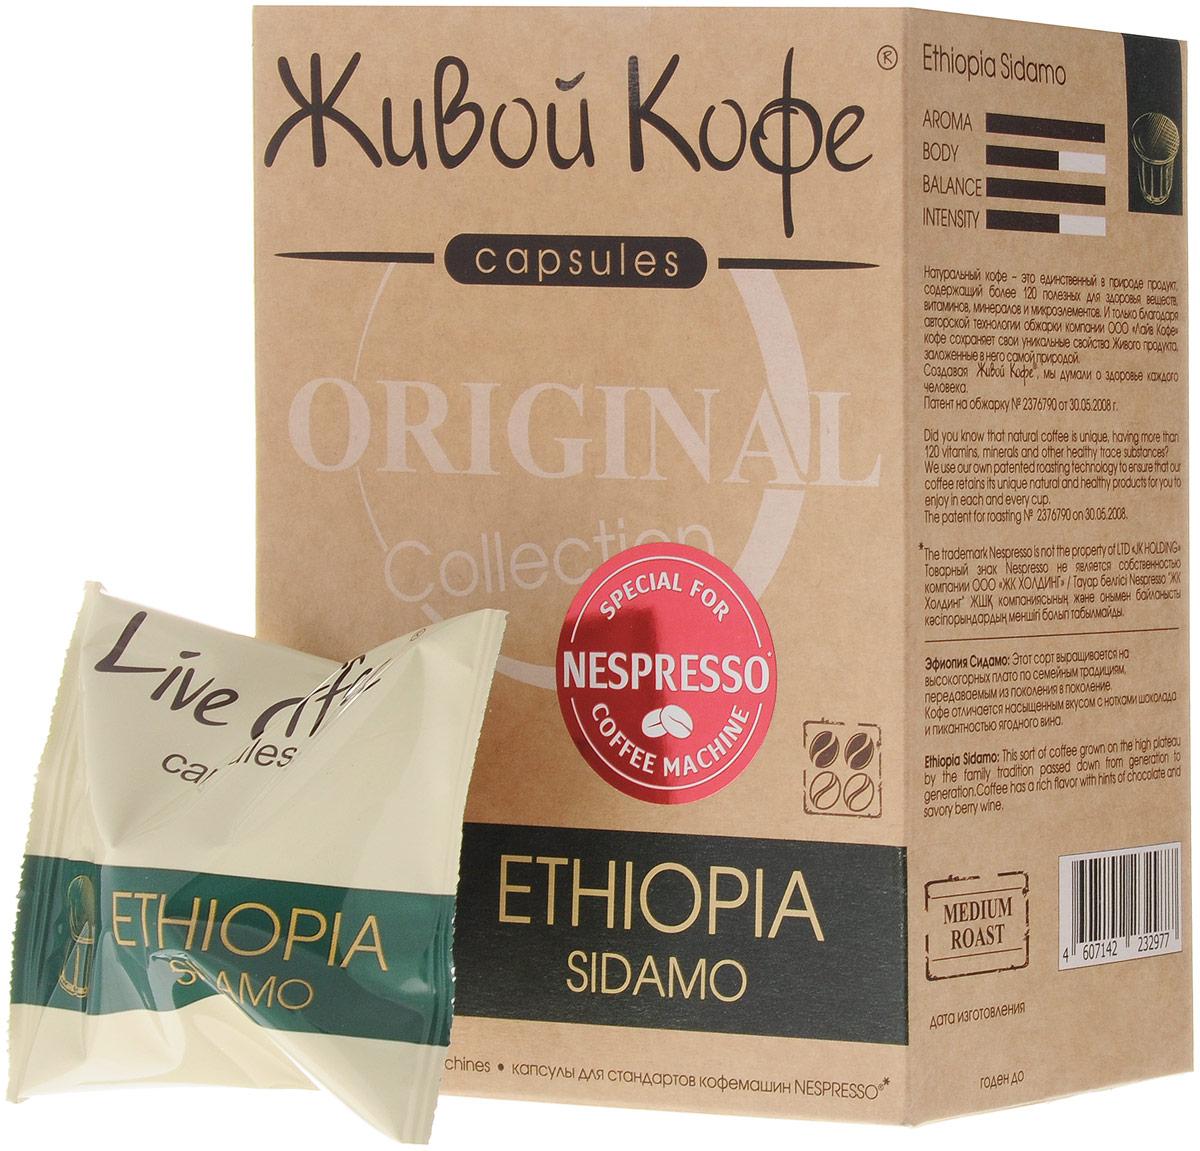 Фото Живой Кофе Ethiopia Sidamо кофе в капсулах (индивидуальная упаковка), 10 шт. Купить  в РФ